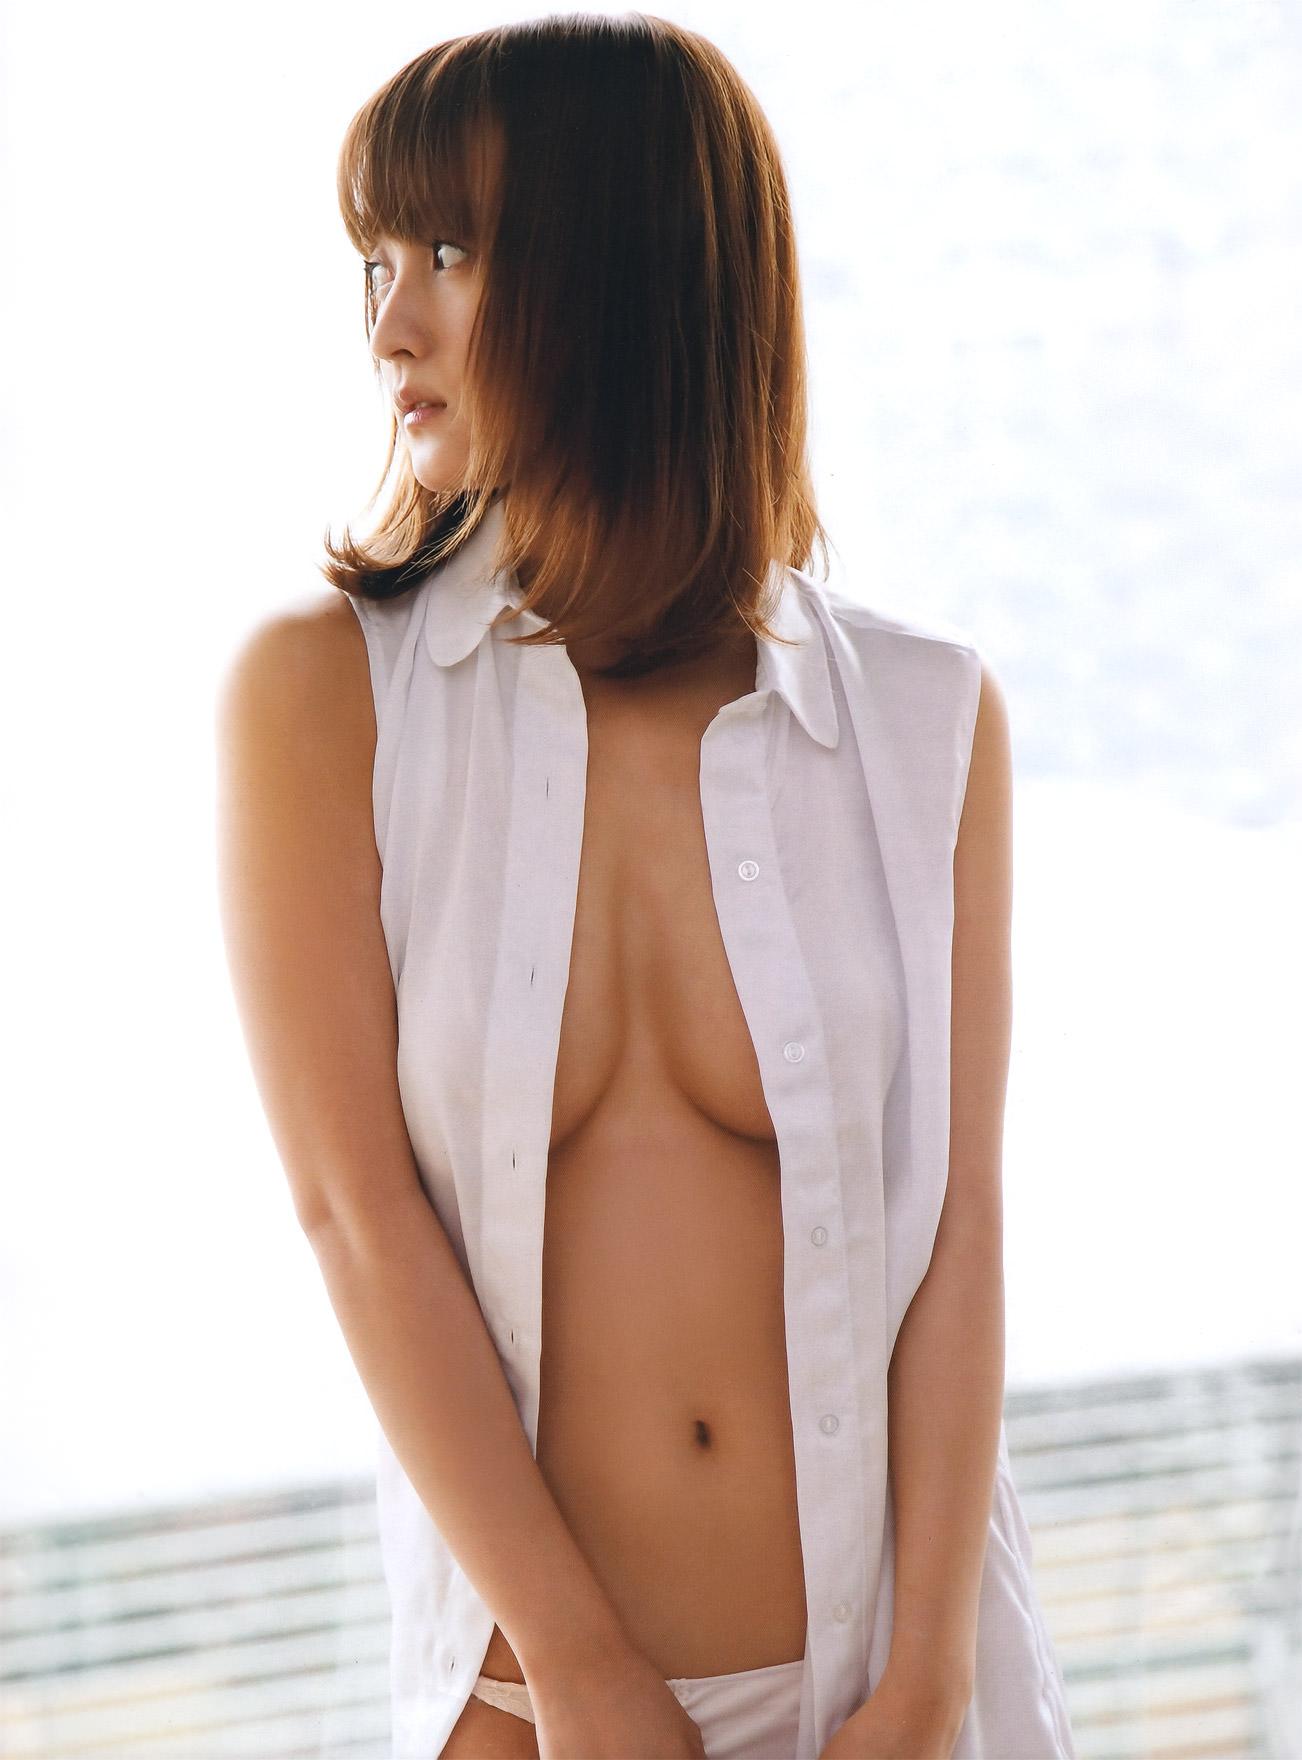 ハミ乳衣装着た女の子 20